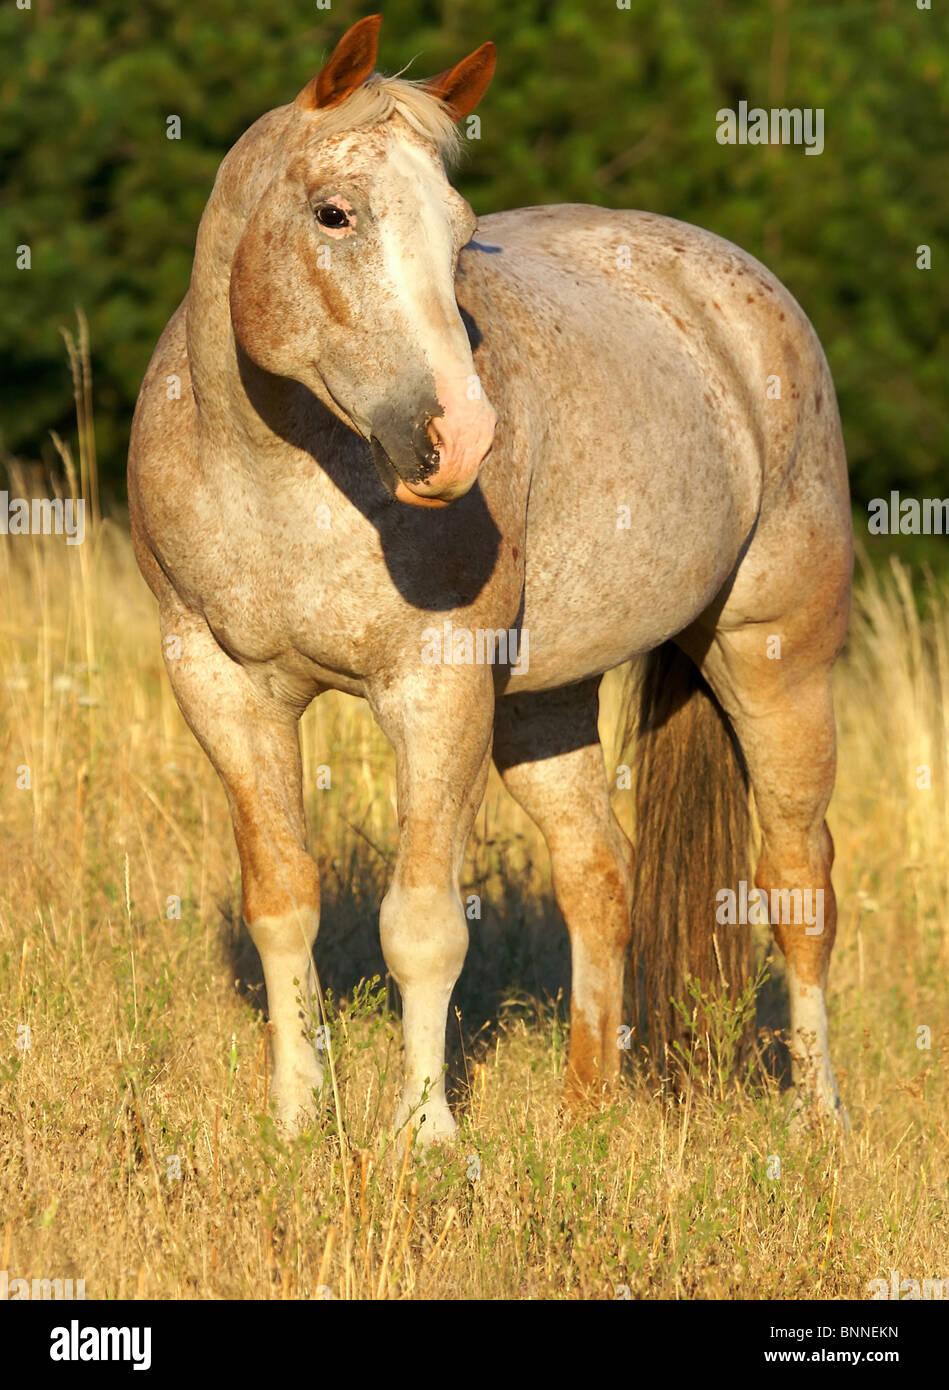 Lindo caballo parado en campo Imagen De Stock